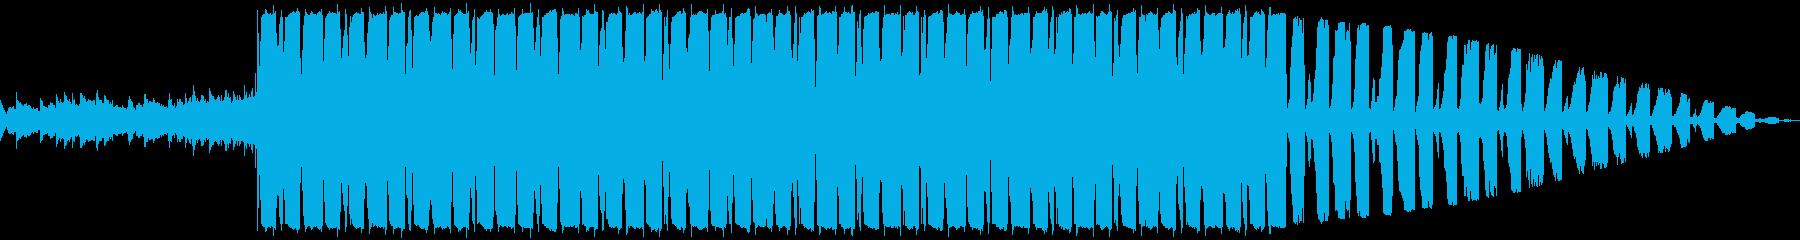 不思議・異世界・lofiの再生済みの波形